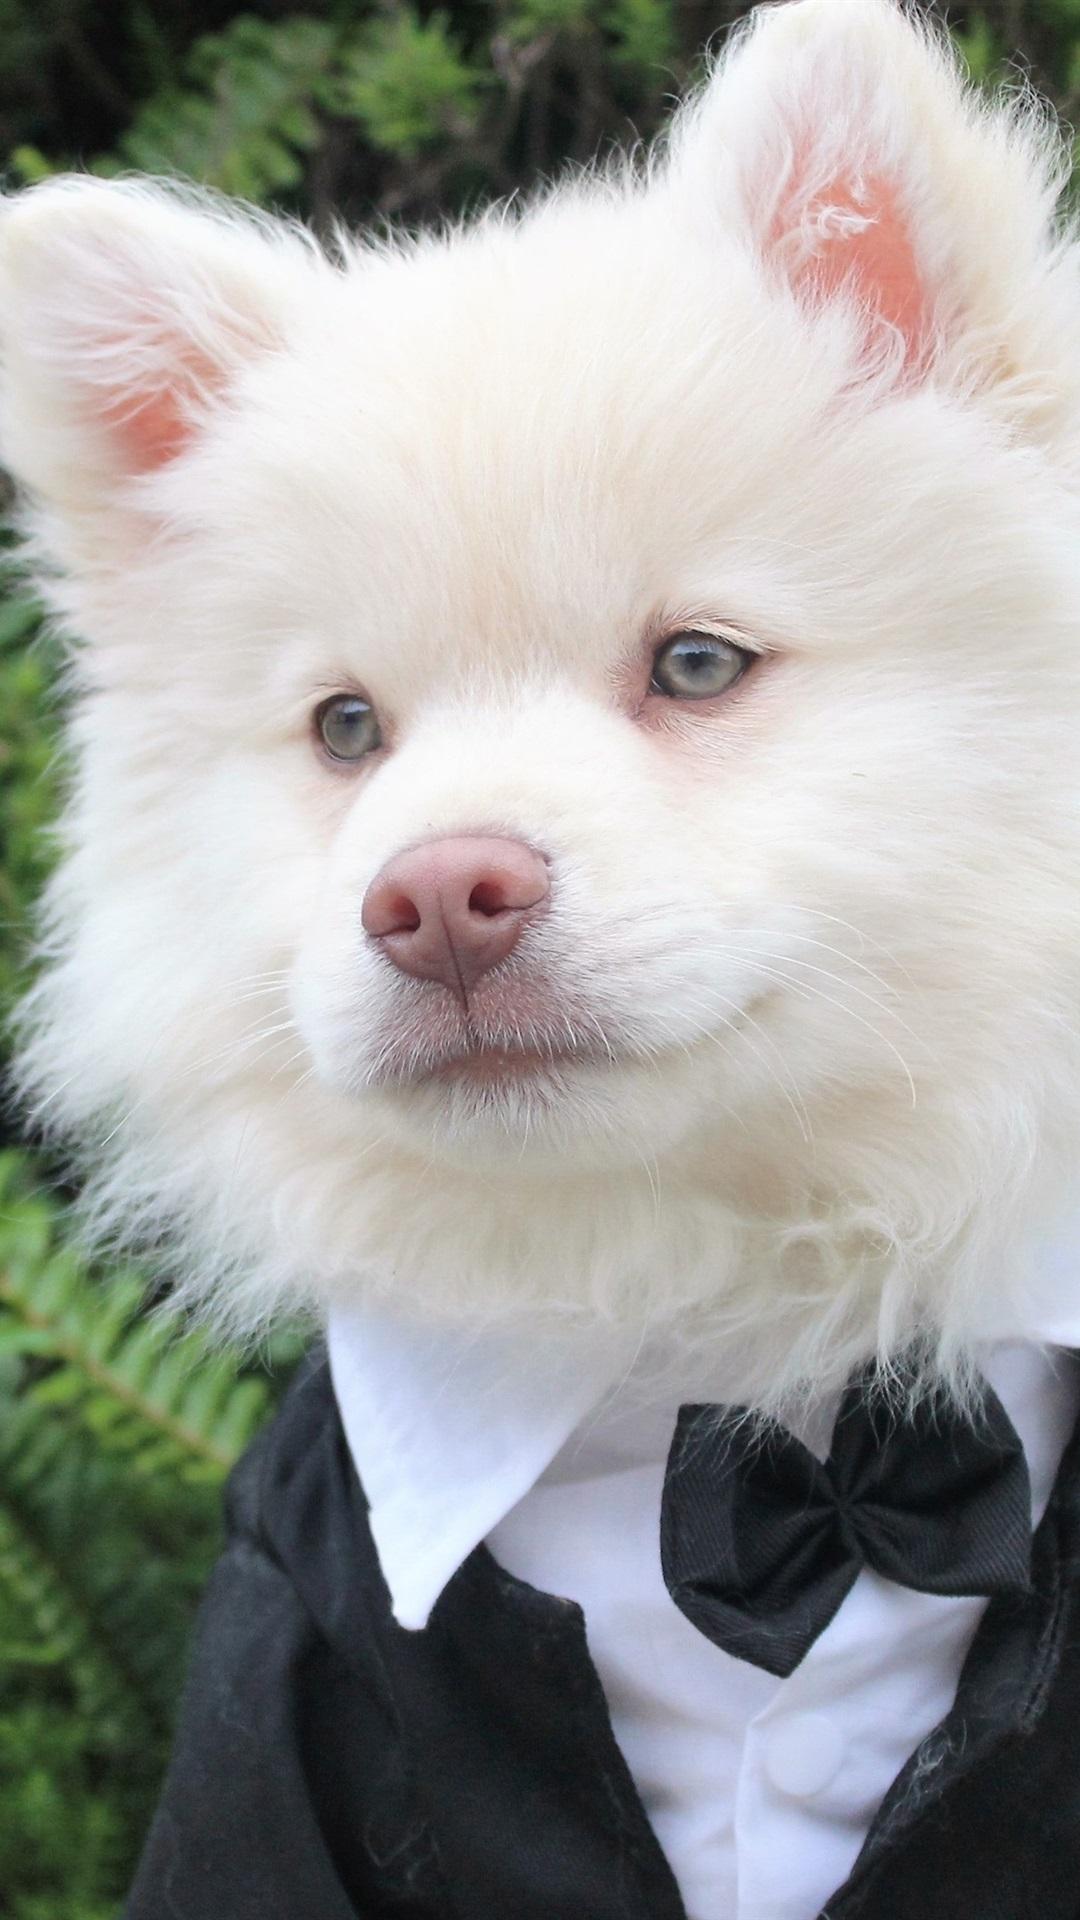 紳士のようなかわいい白い犬 1080x1920 Iphone 8 7 6 6s Plus 壁紙